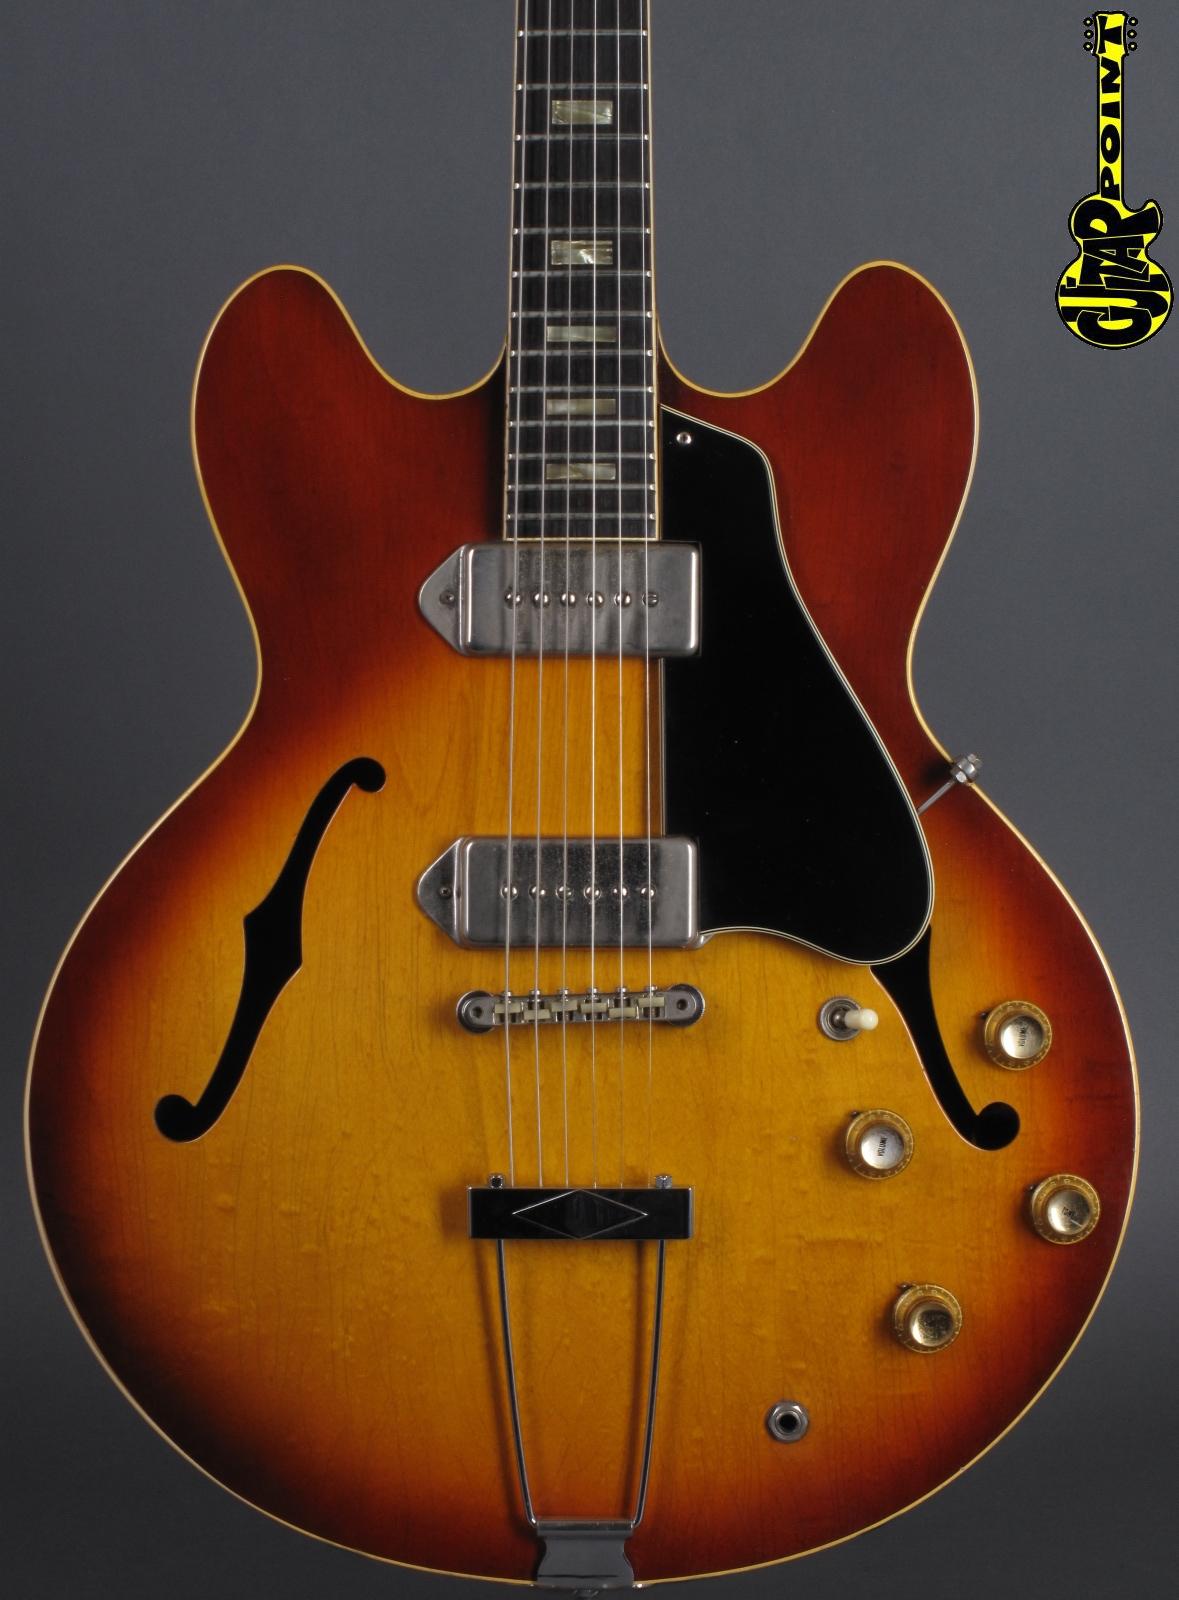 1965 Gibson ES-330 TD - Icetea Sunburst -  RARE COLOR!